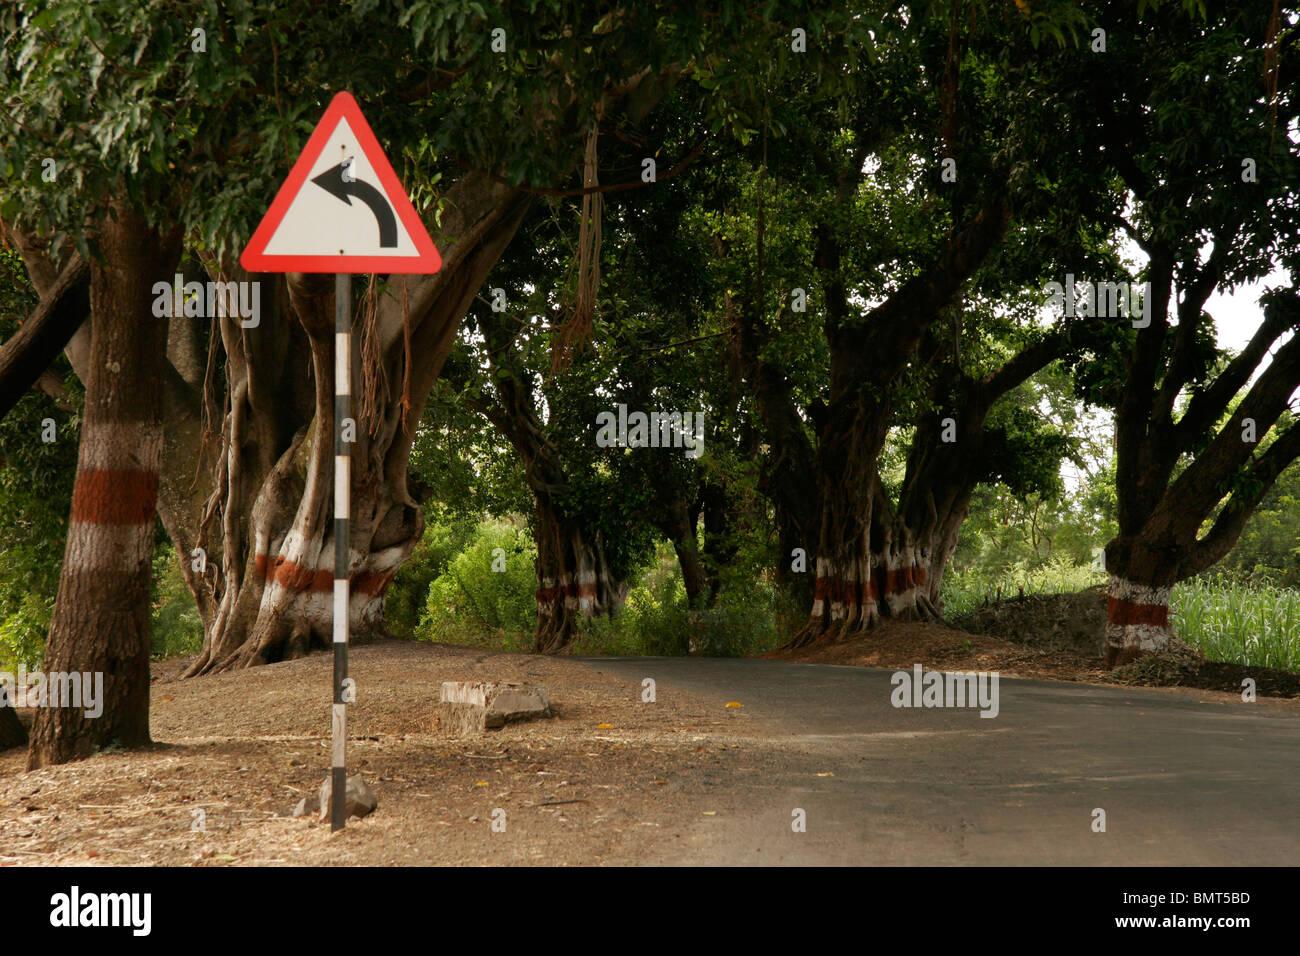 Road sign indicating left turn on the way of Wai; Maharashtra; India - Stock Image